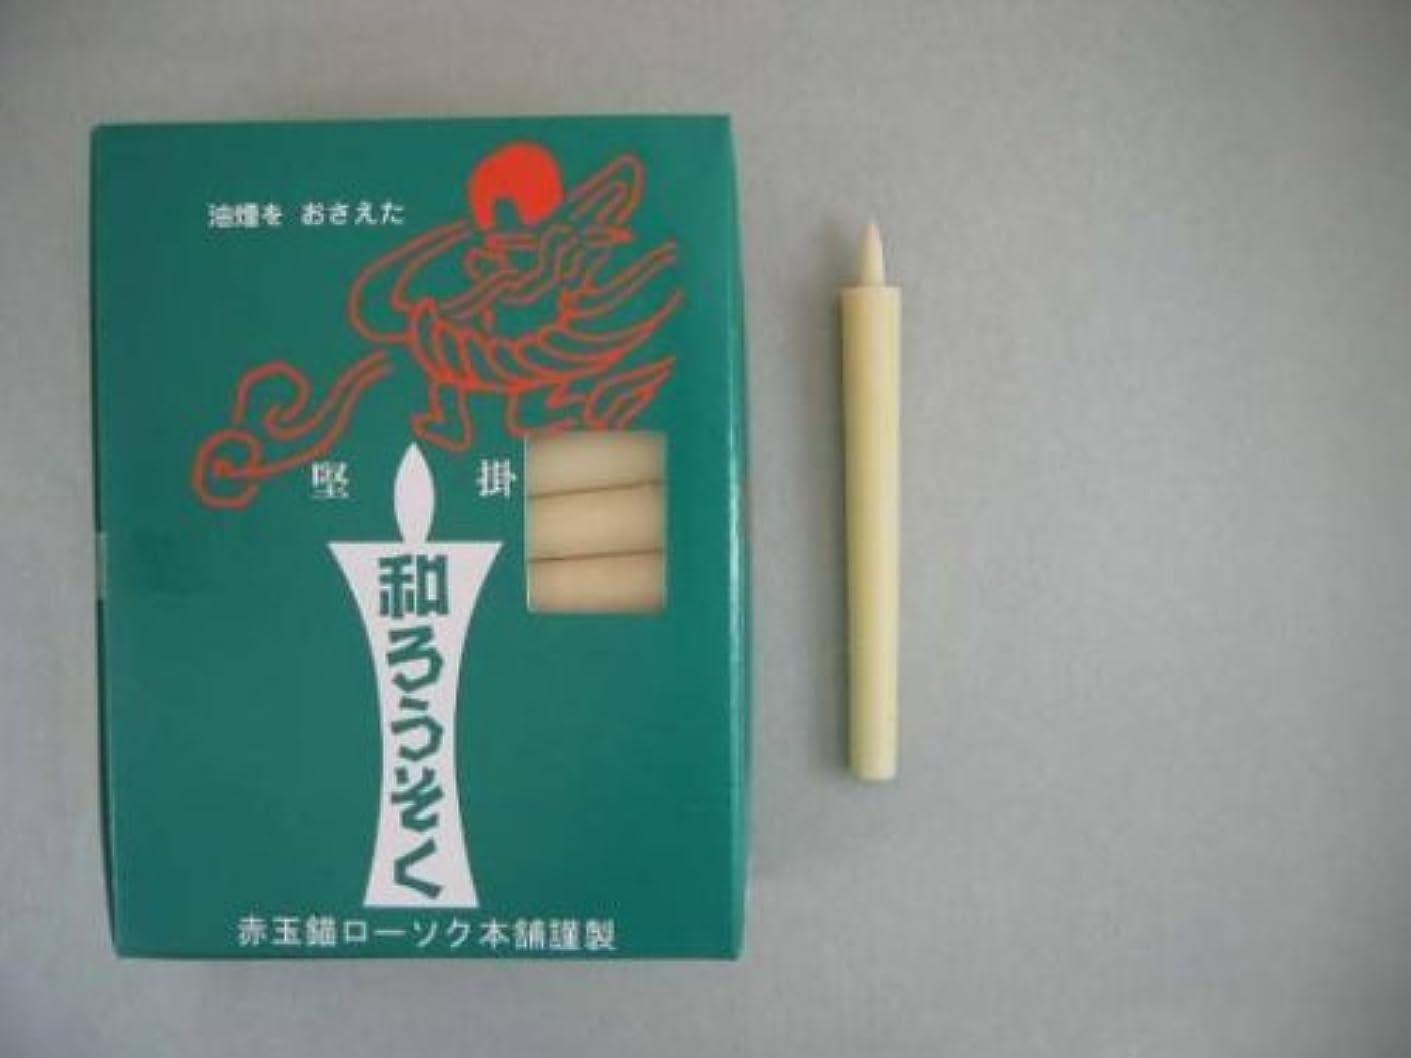 和ろうそく 型和蝋燭 ローソク 棒 2号 白 50本入り 約11センチ